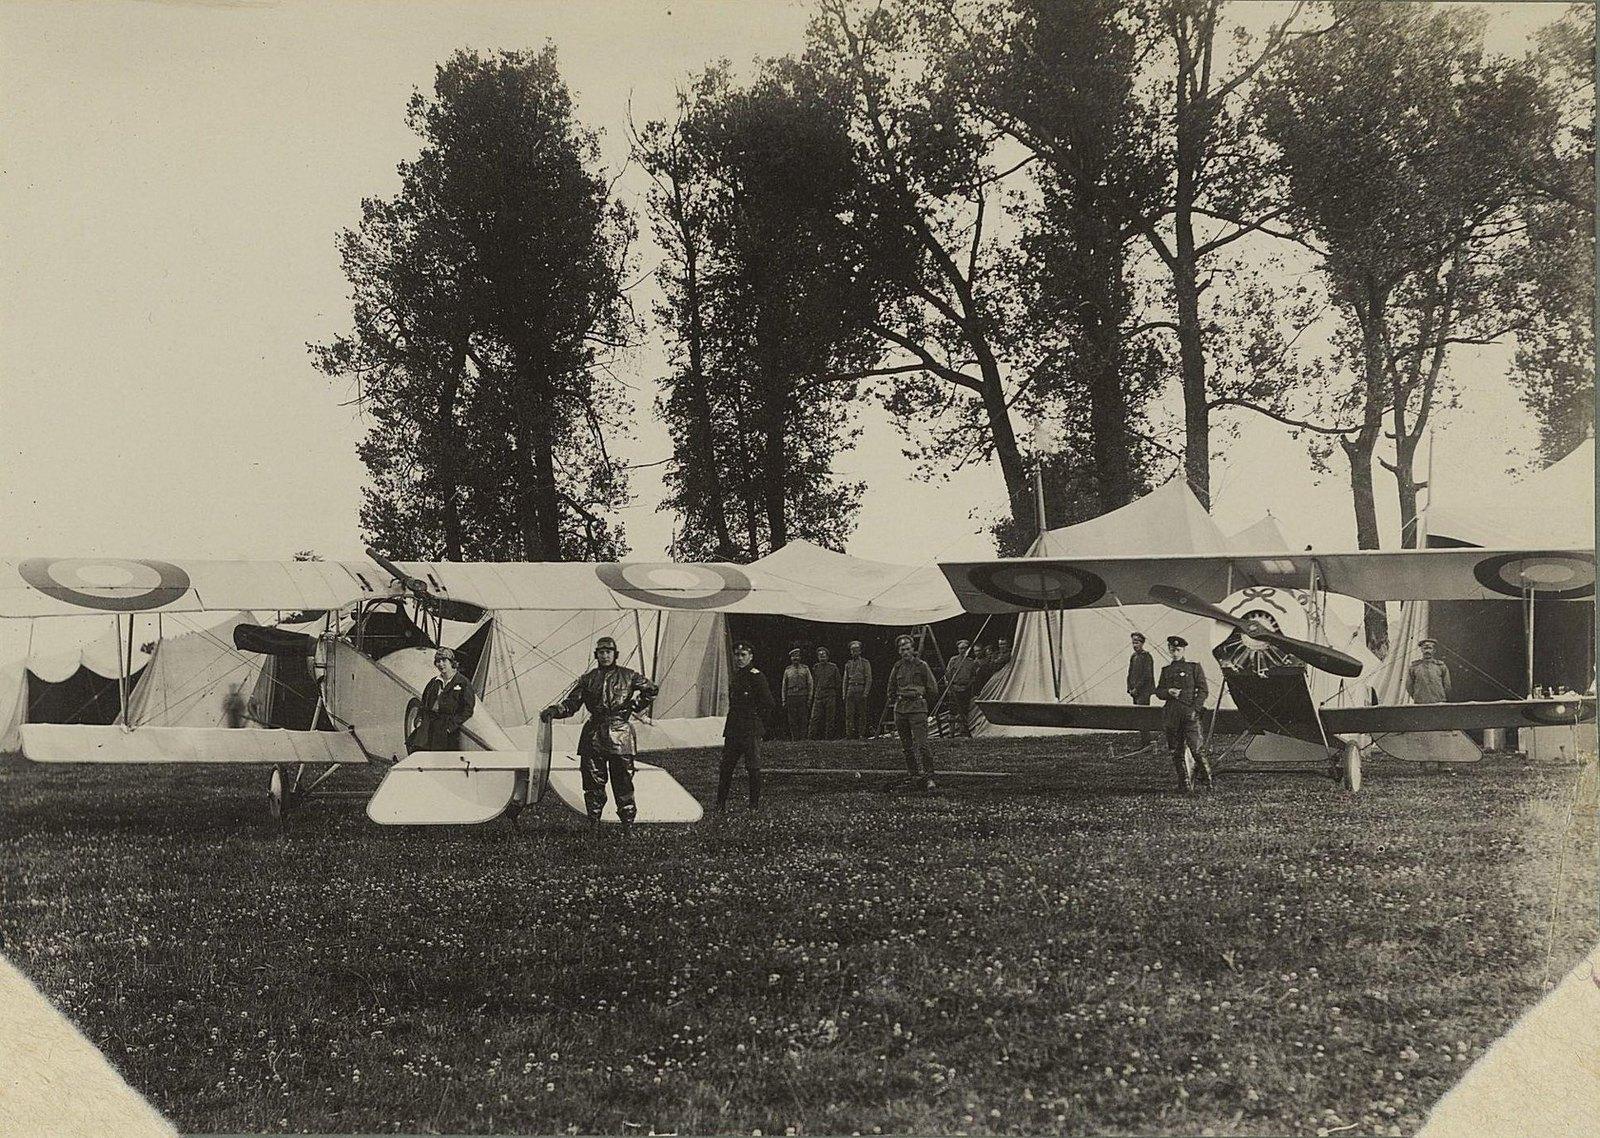 1915. Самолёты в покрышках под деревьями